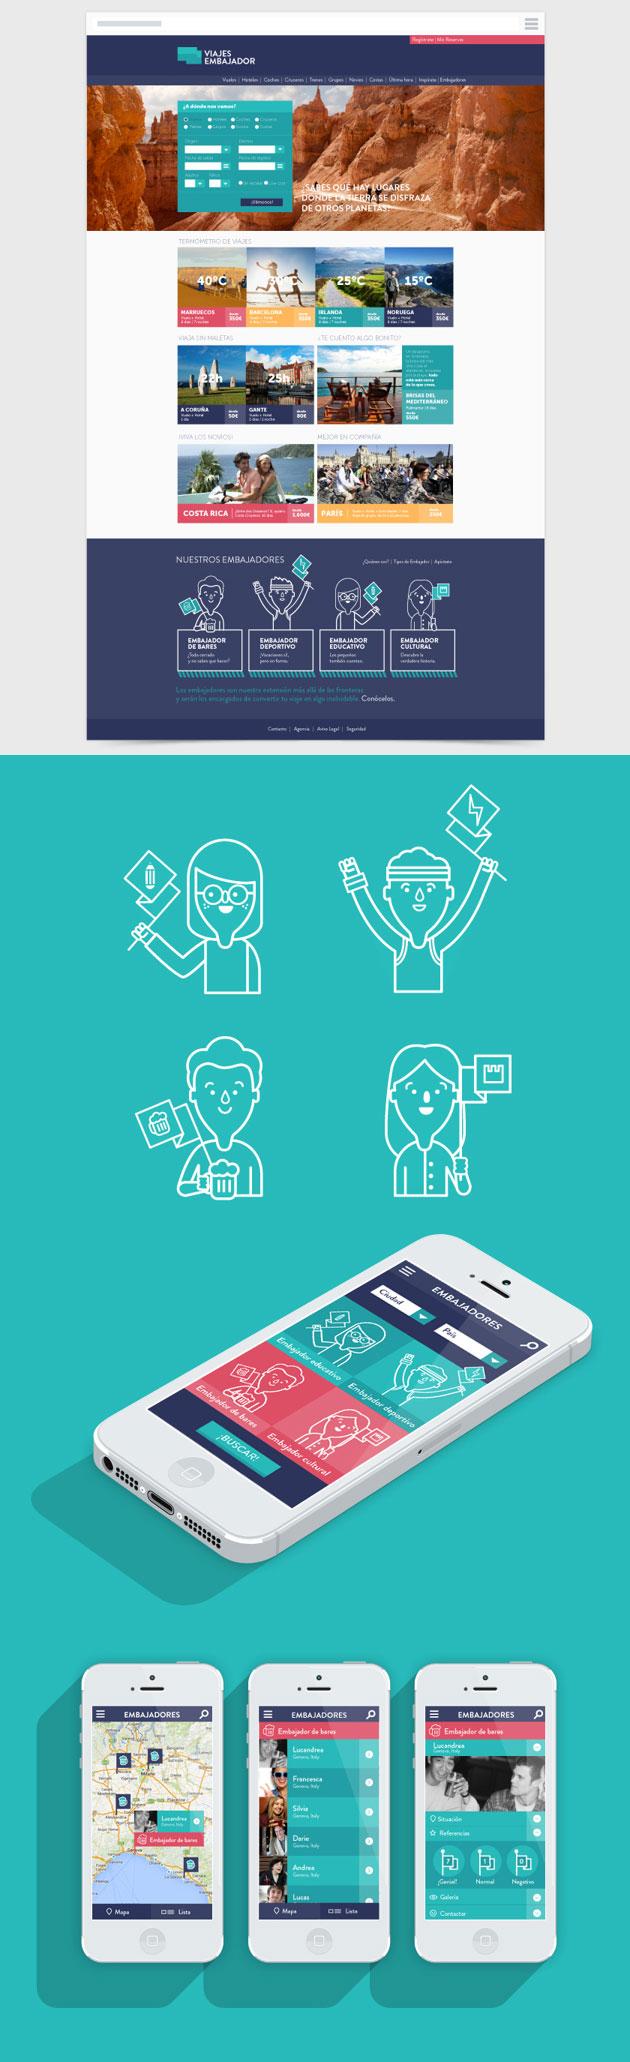 Bienvenidos al mundo - Inspiración web design